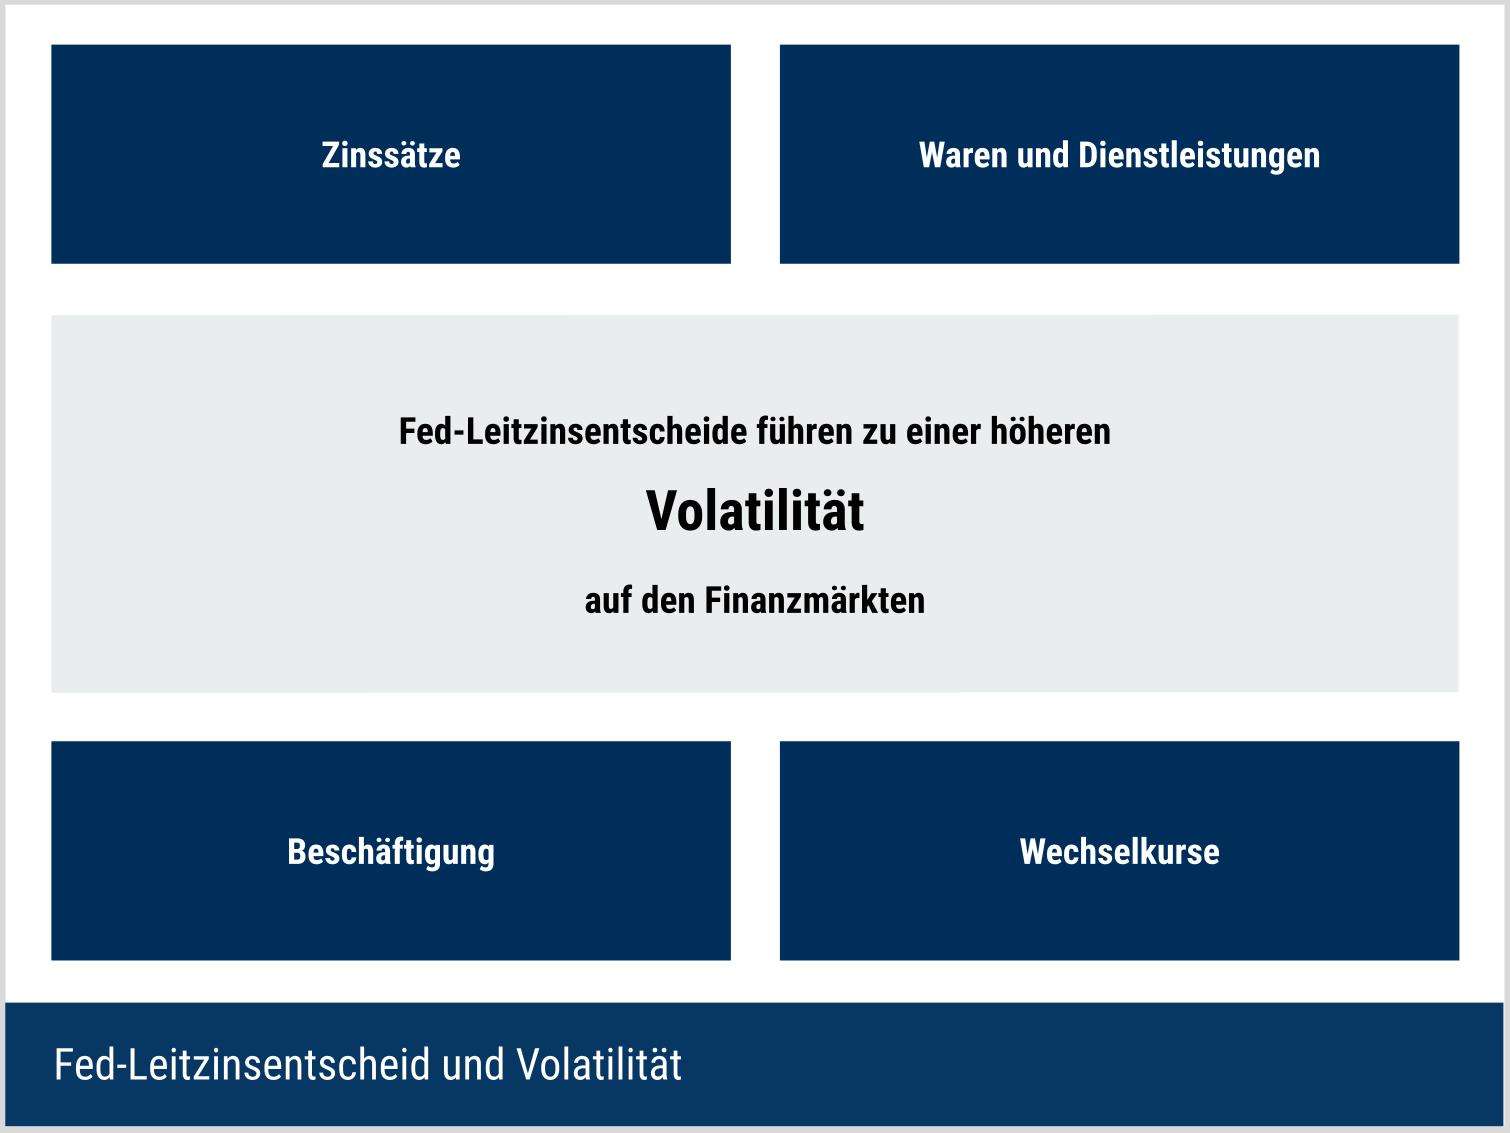 Fed-Zinsentscheid und Volatilität an der Börse